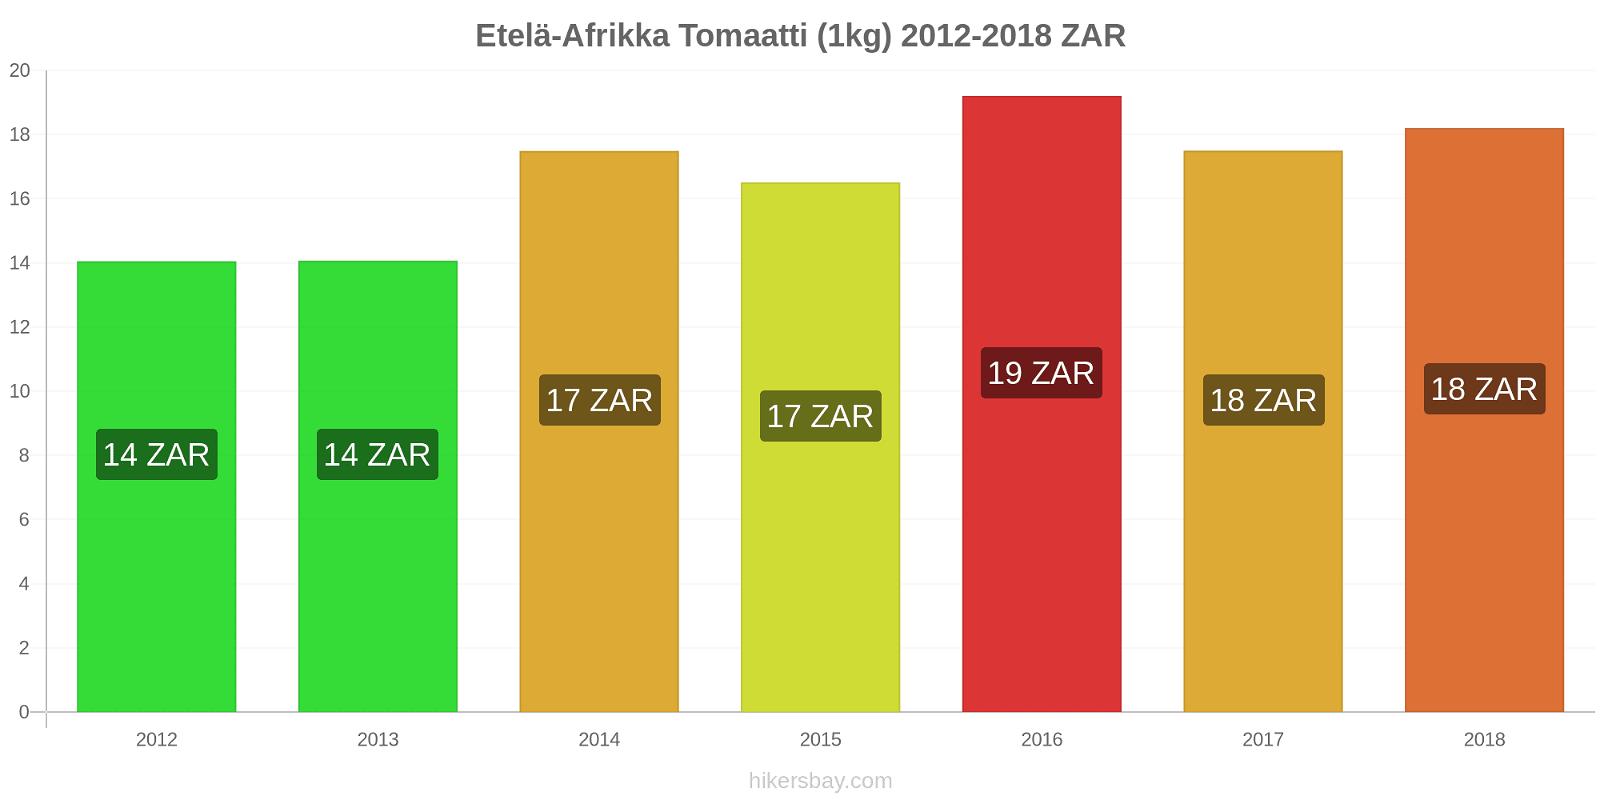 Etelä-Afrikka hintojen muutokset Tomaatti (1kg) hikersbay.com